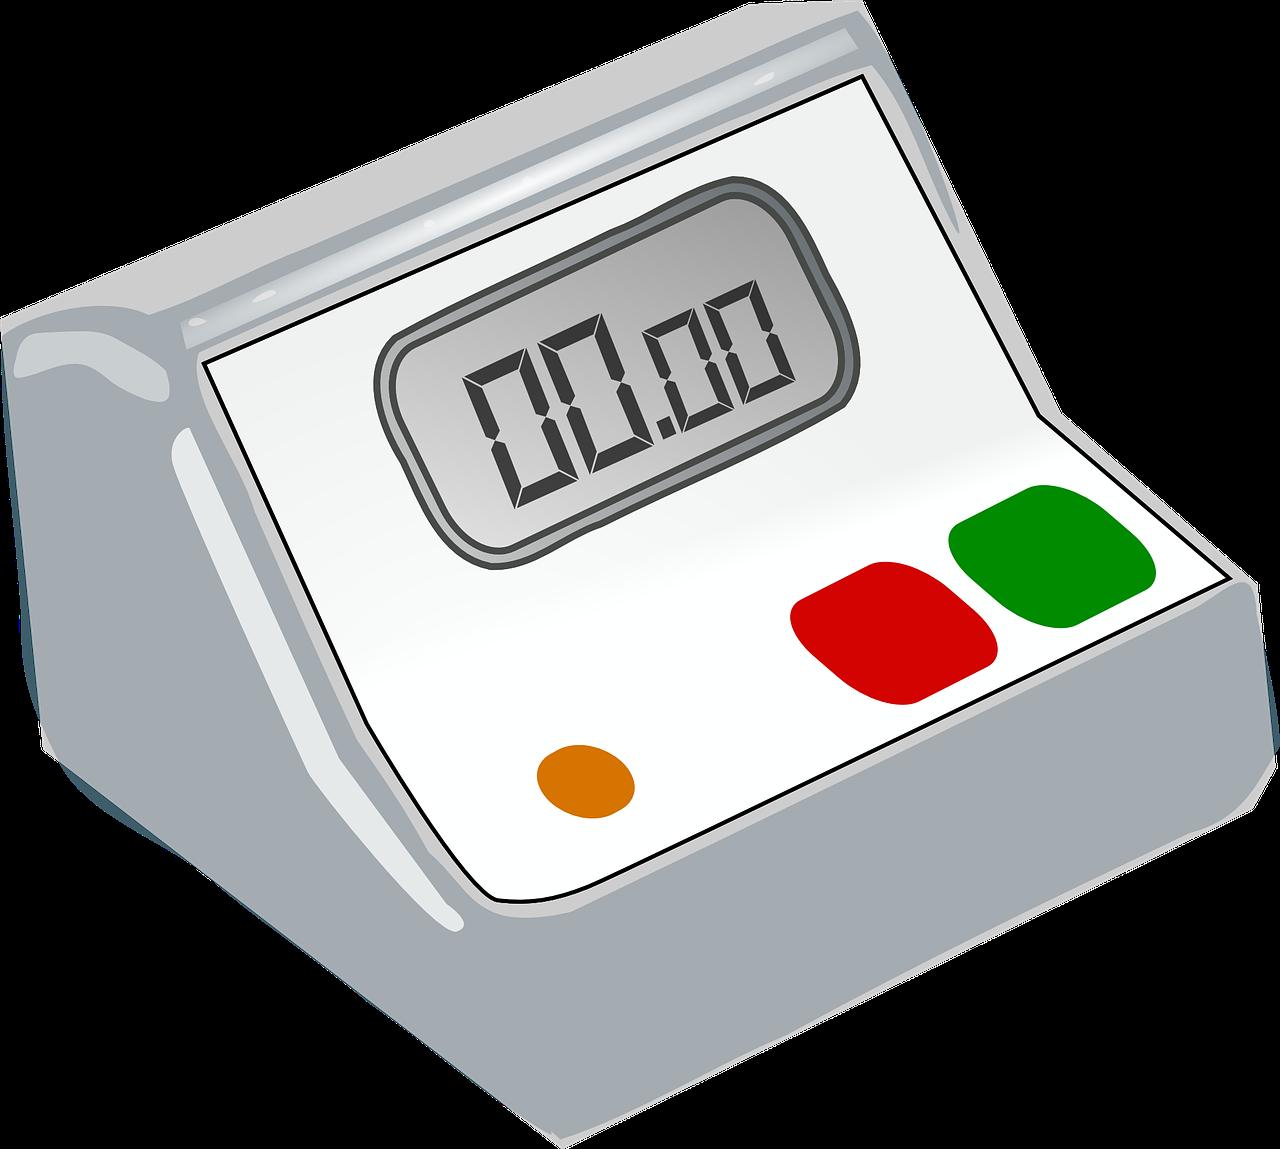 reloj digital, reloj despertador, tiempo